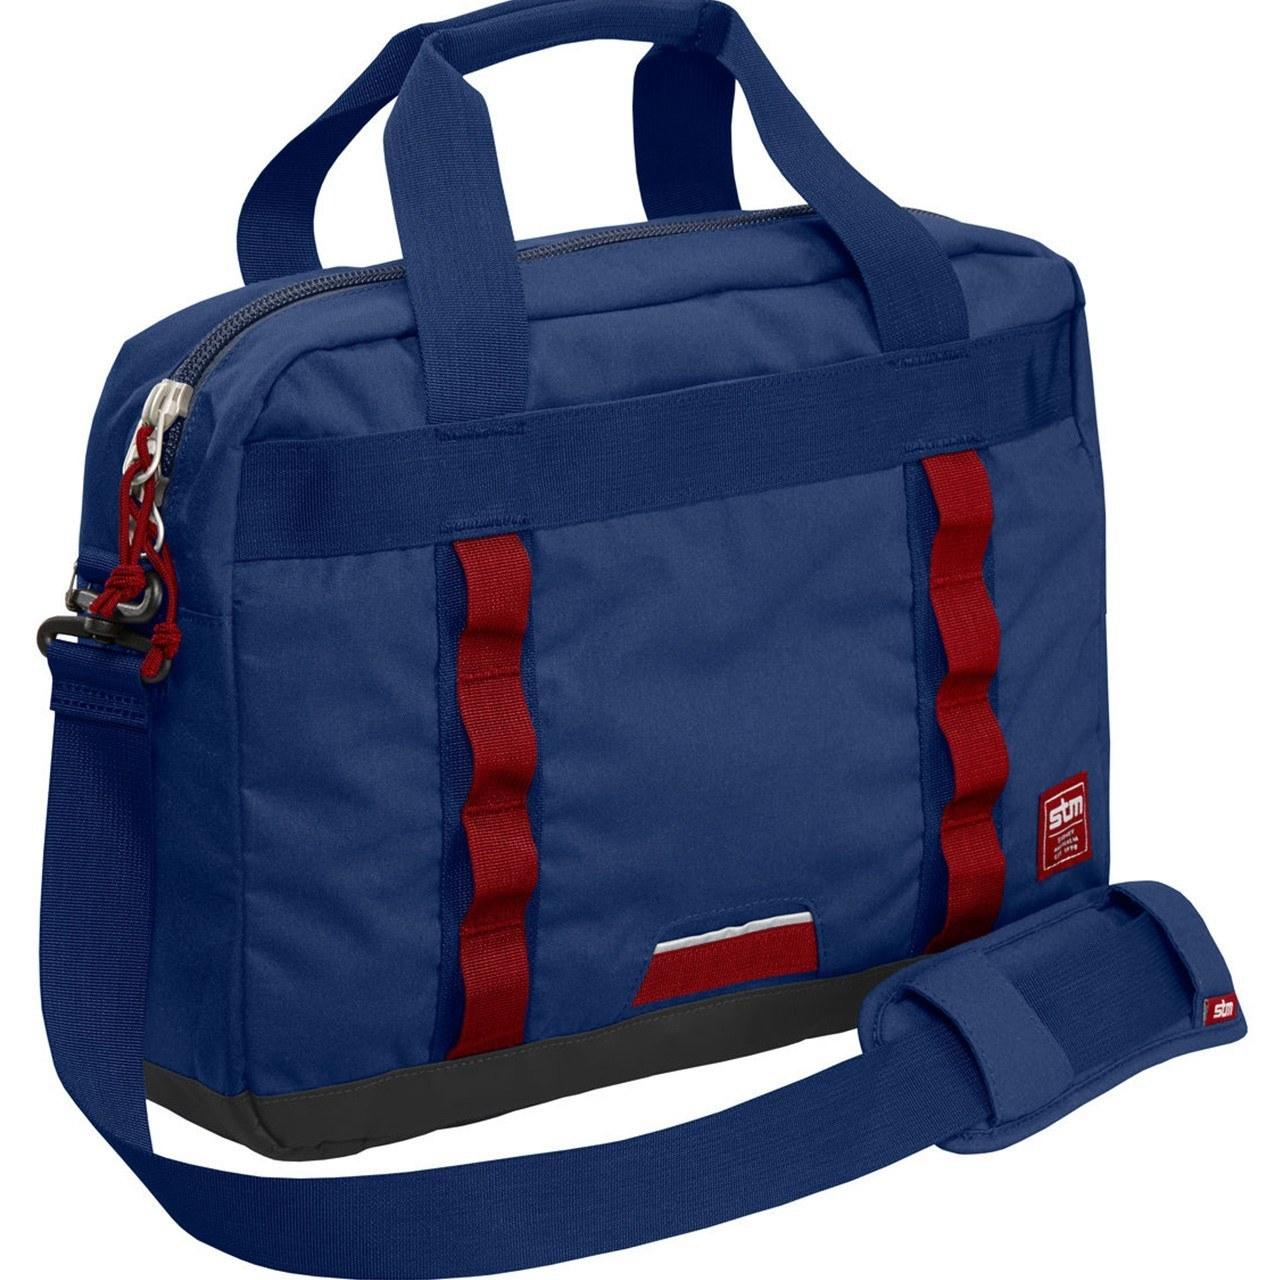 کيف اس تي ام مدل Bowery مناسب براي لپ تاپ 15 اينچي | STM Bowery Bag For 15 Inch Laptop